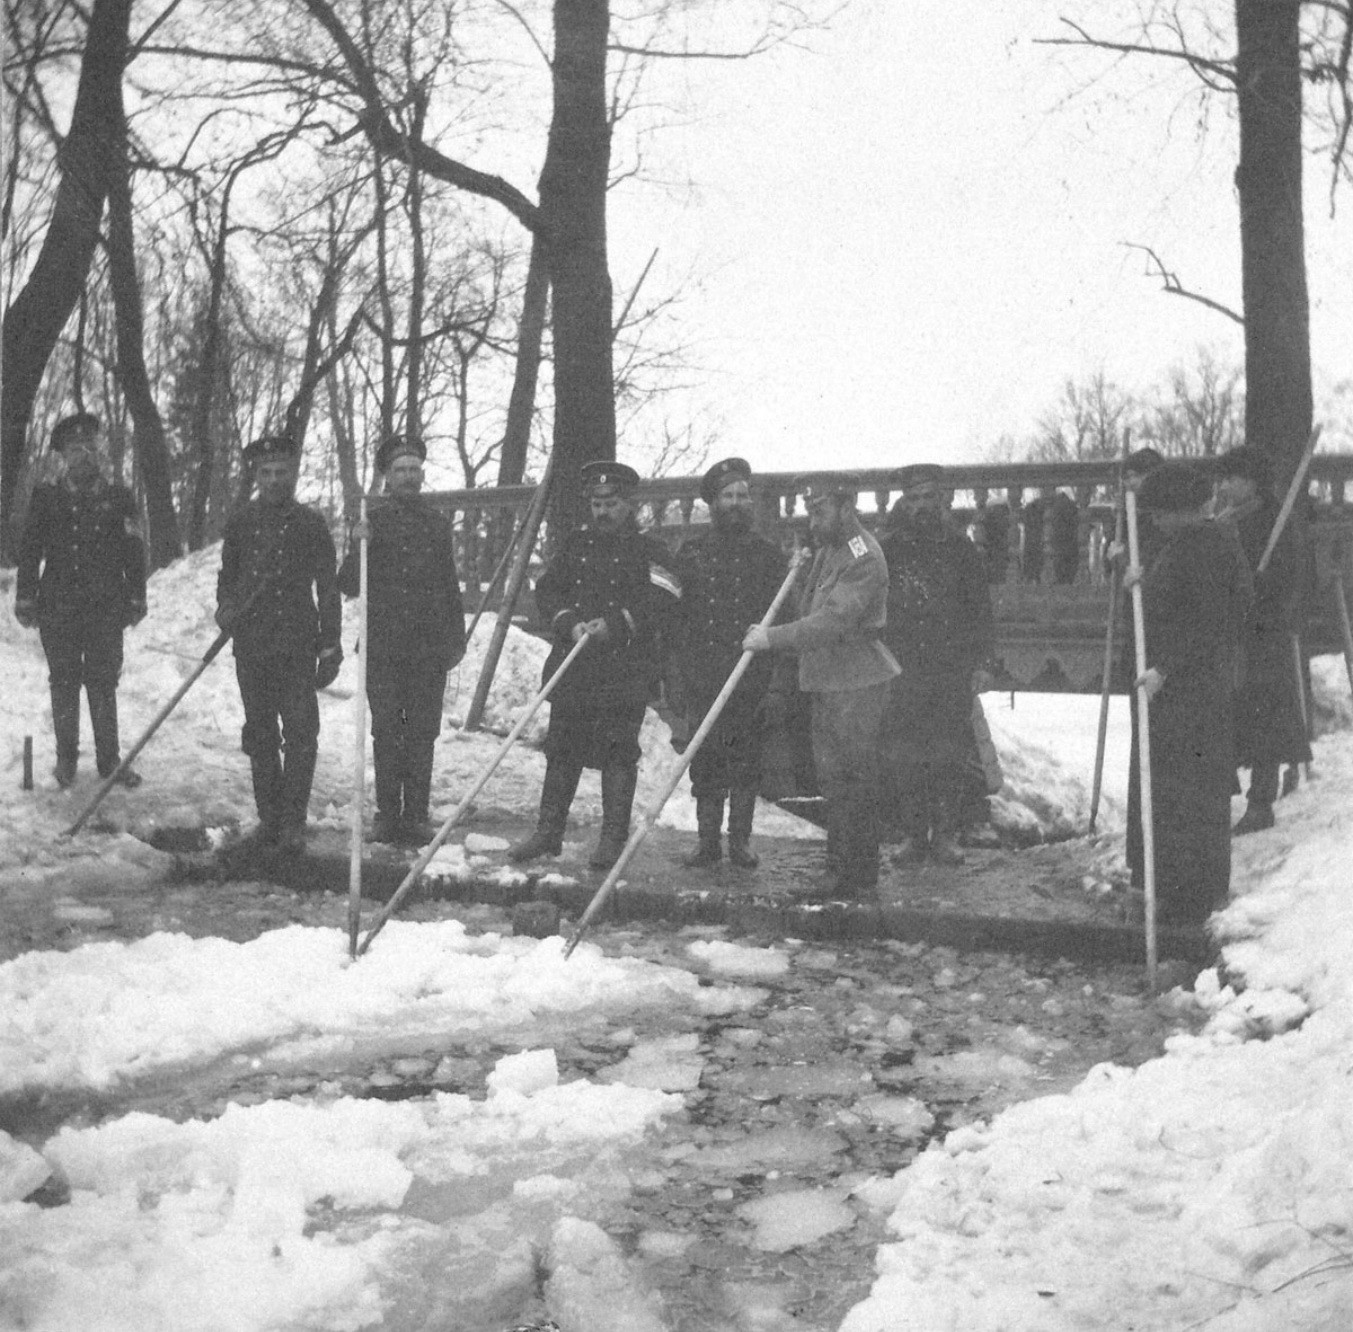 1914. Николай II с матросами на плотине пруда.